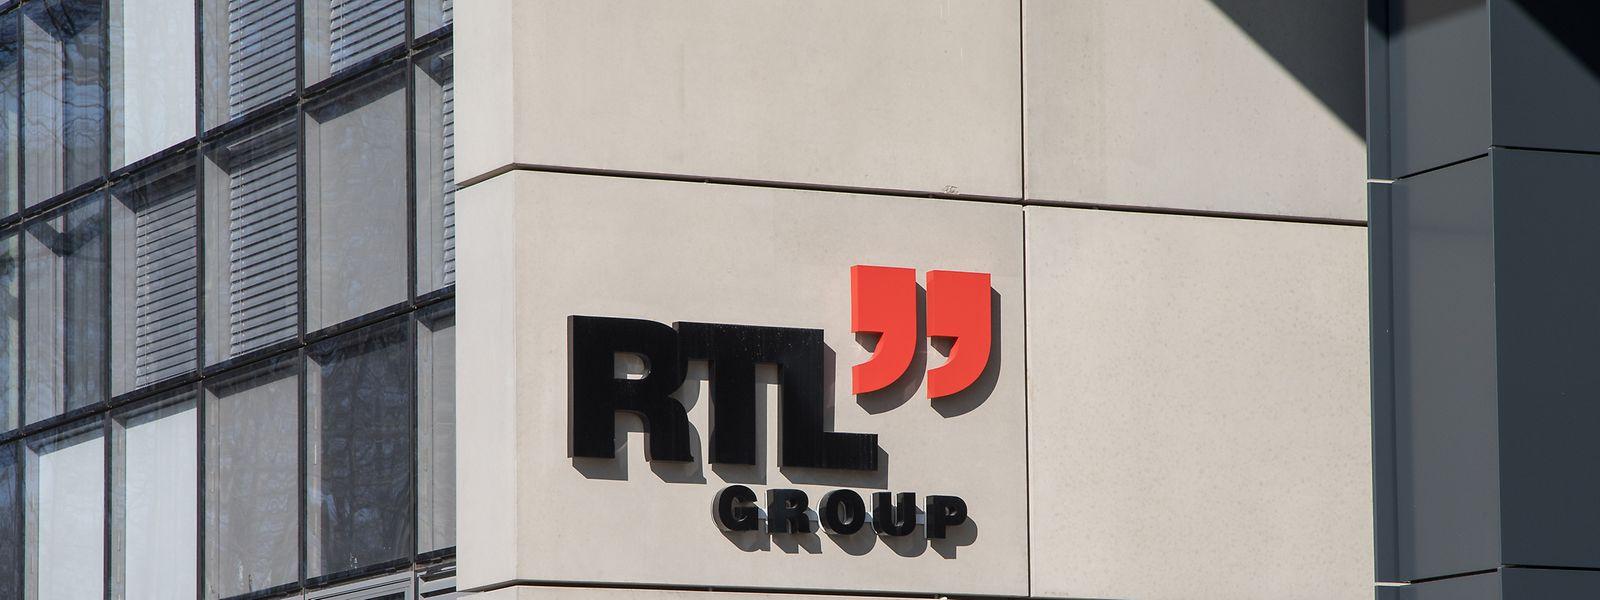 Fondée en 1931, Radio Télévision Luxembourg devenue depuis RTL Group, opère depuis le Kirchberg et compte comme actionnaire majoritaire (à 75%) la société de médias allemande Bertelsmann.